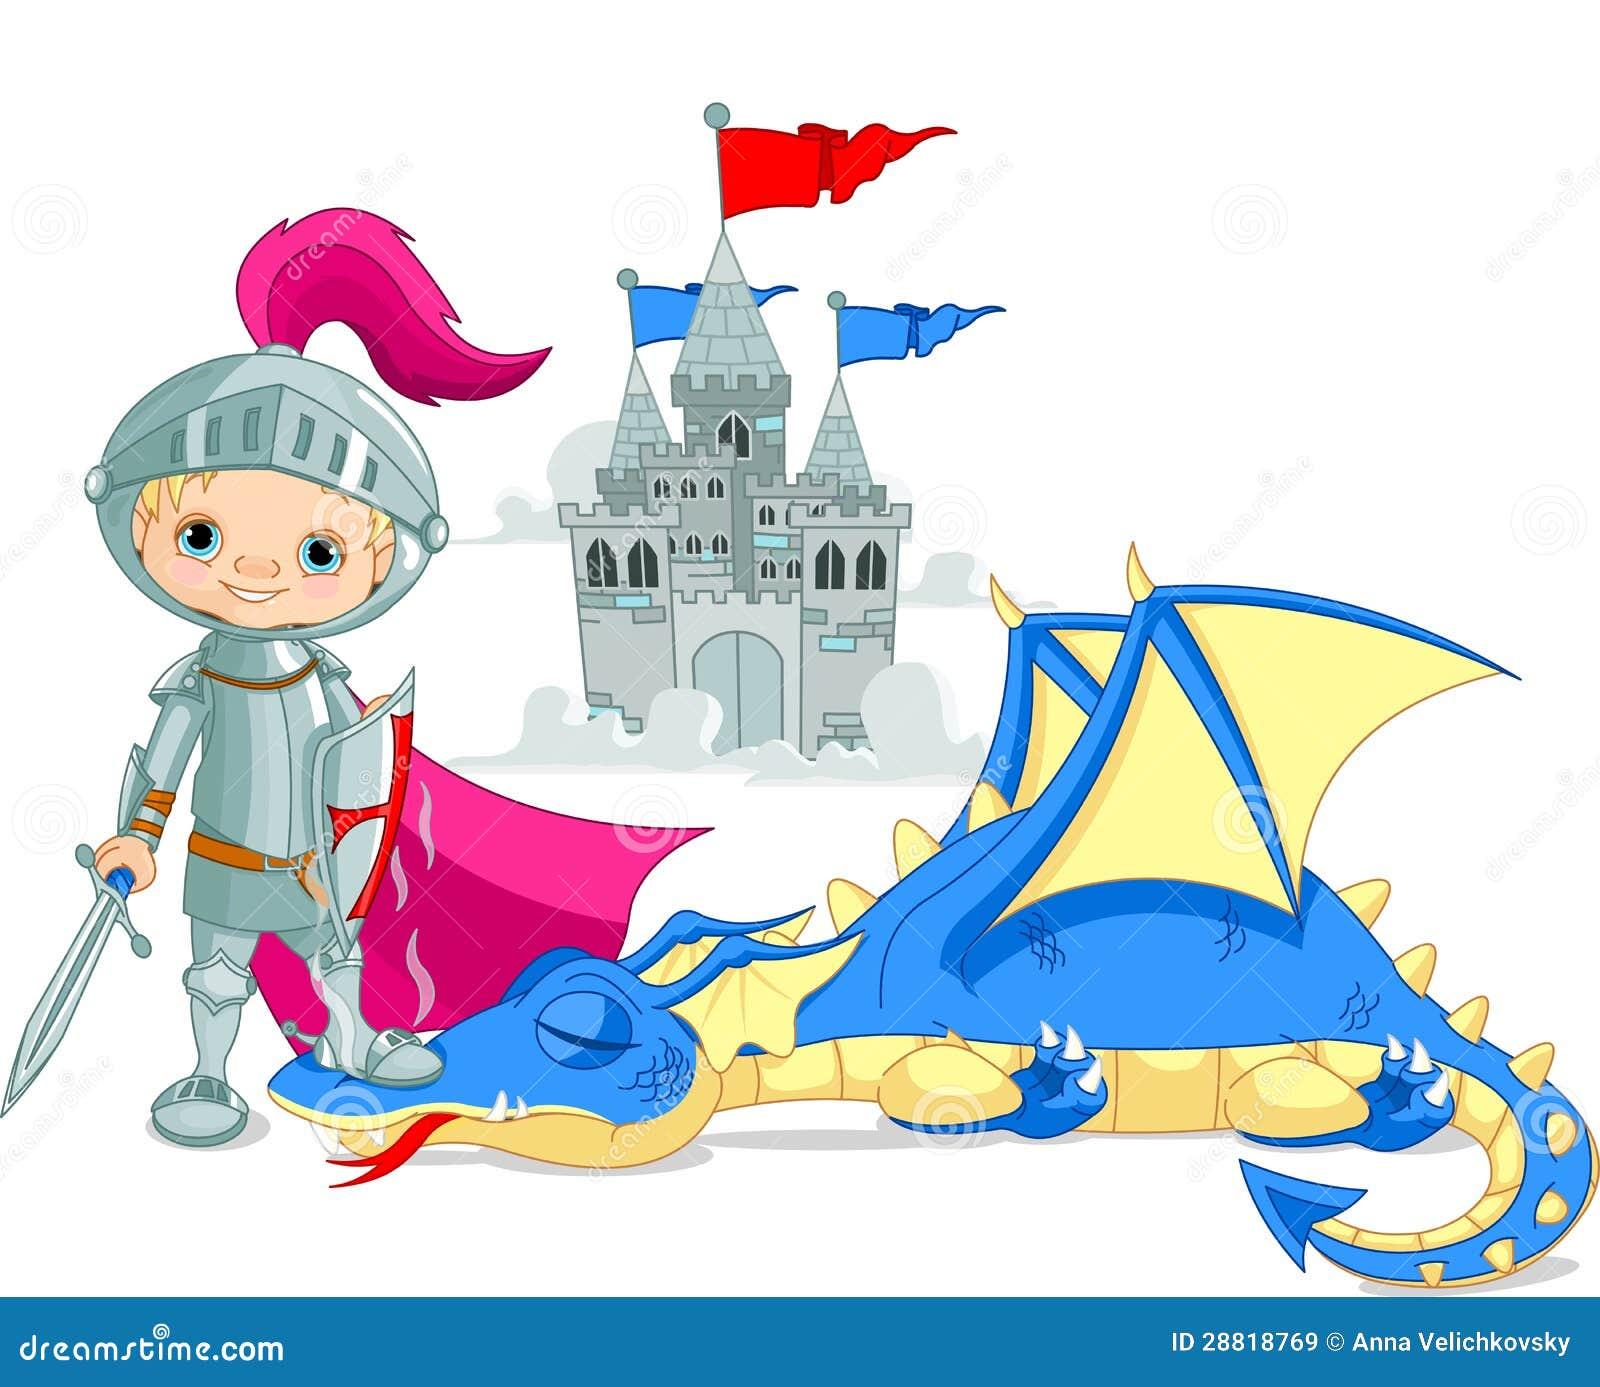 龙和骑士图片